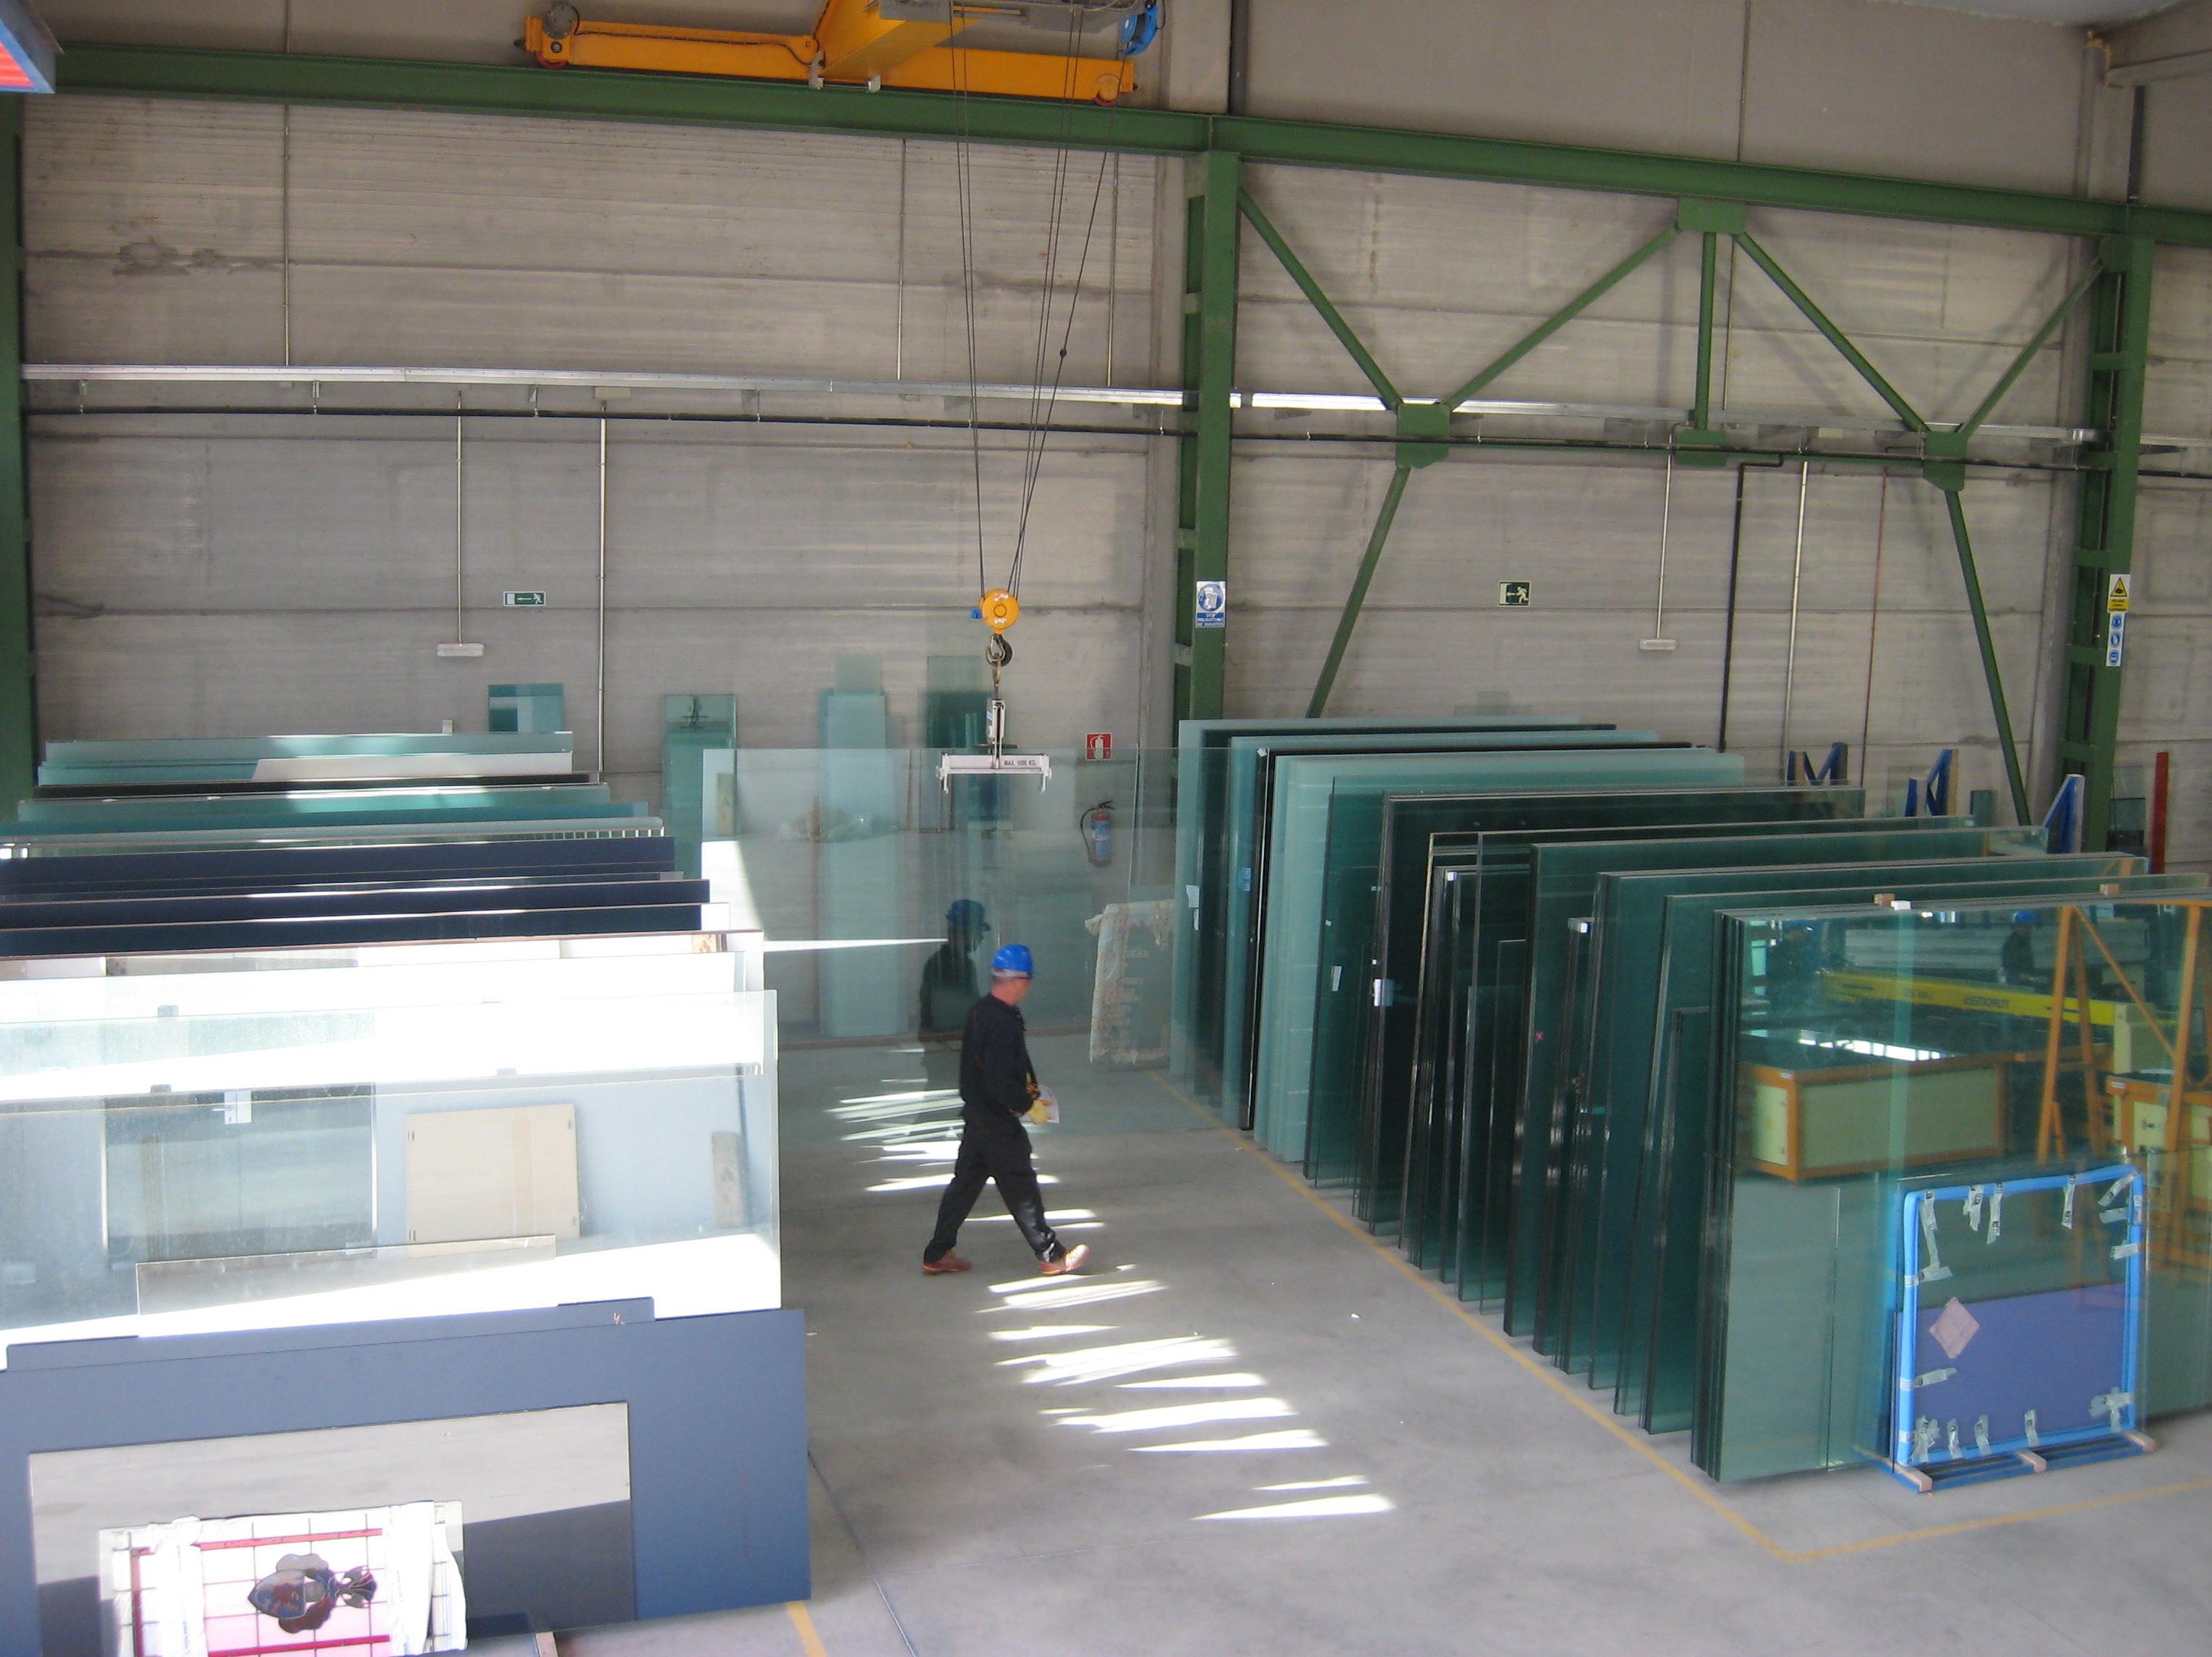 Fabrica de cristal Madrid CRISTALERA MADRILEÑA